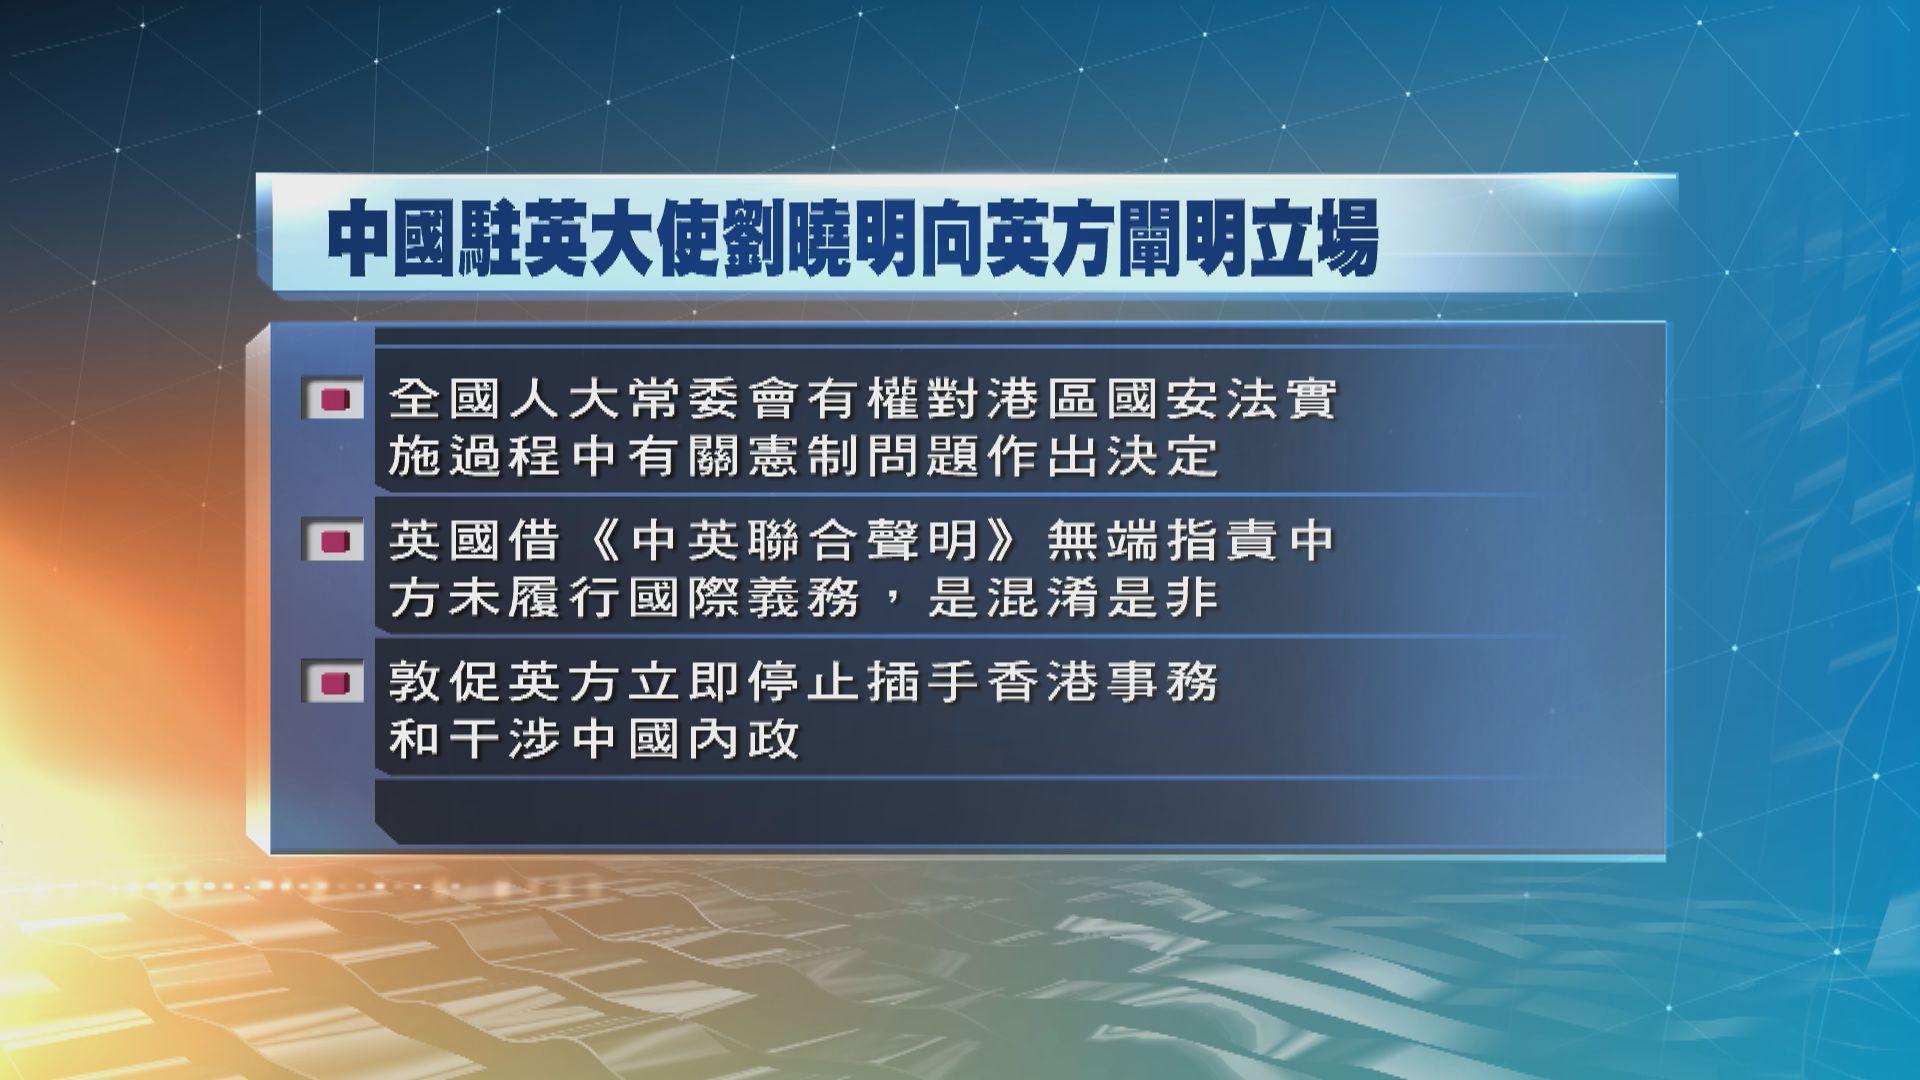 劉曉明對英國指責人大取消議員資格表示不滿和堅決反對